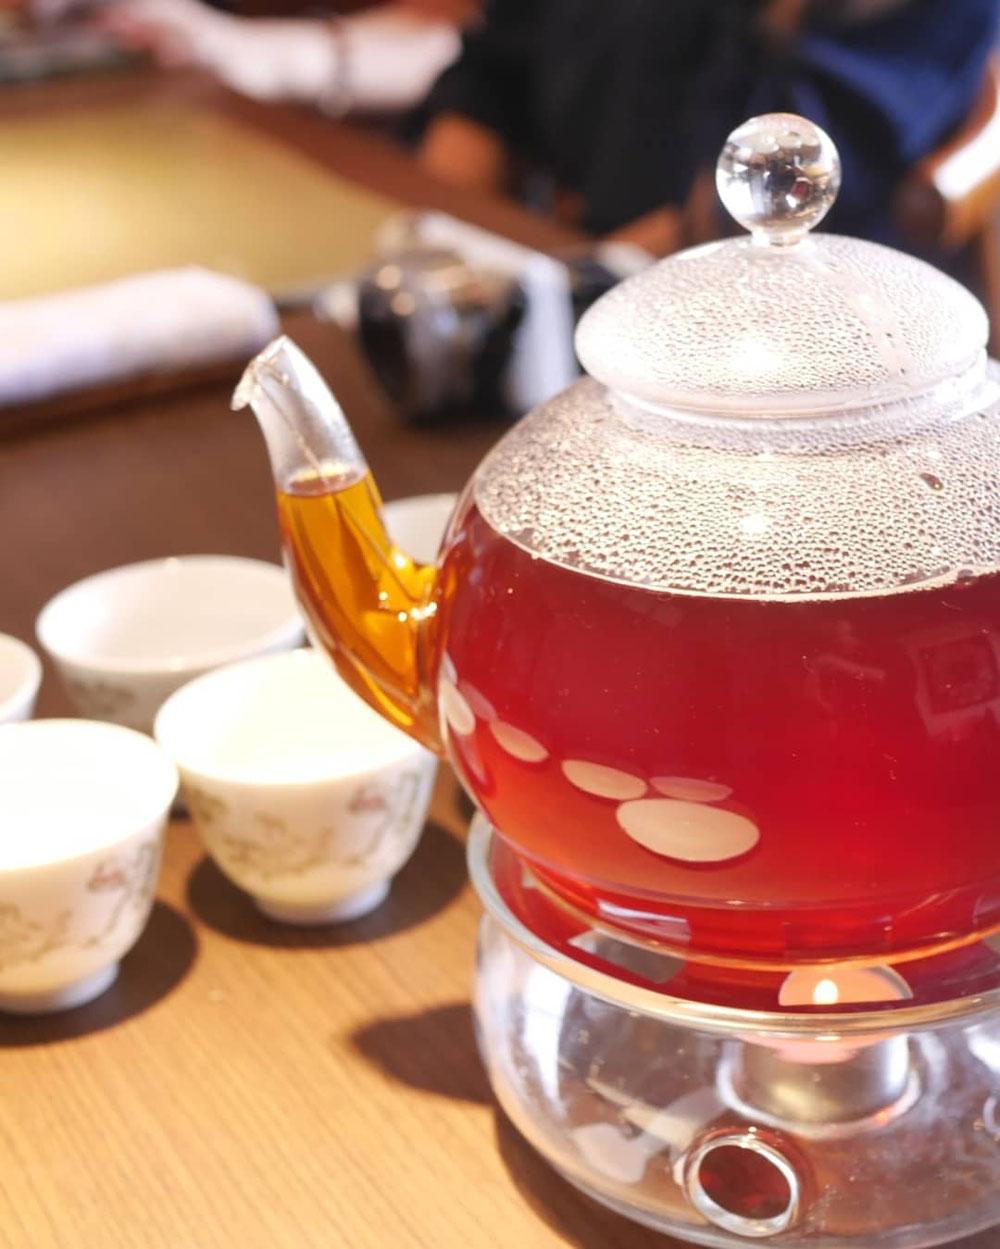 最後の紅茶はデザートに合わせて、ディンブラ